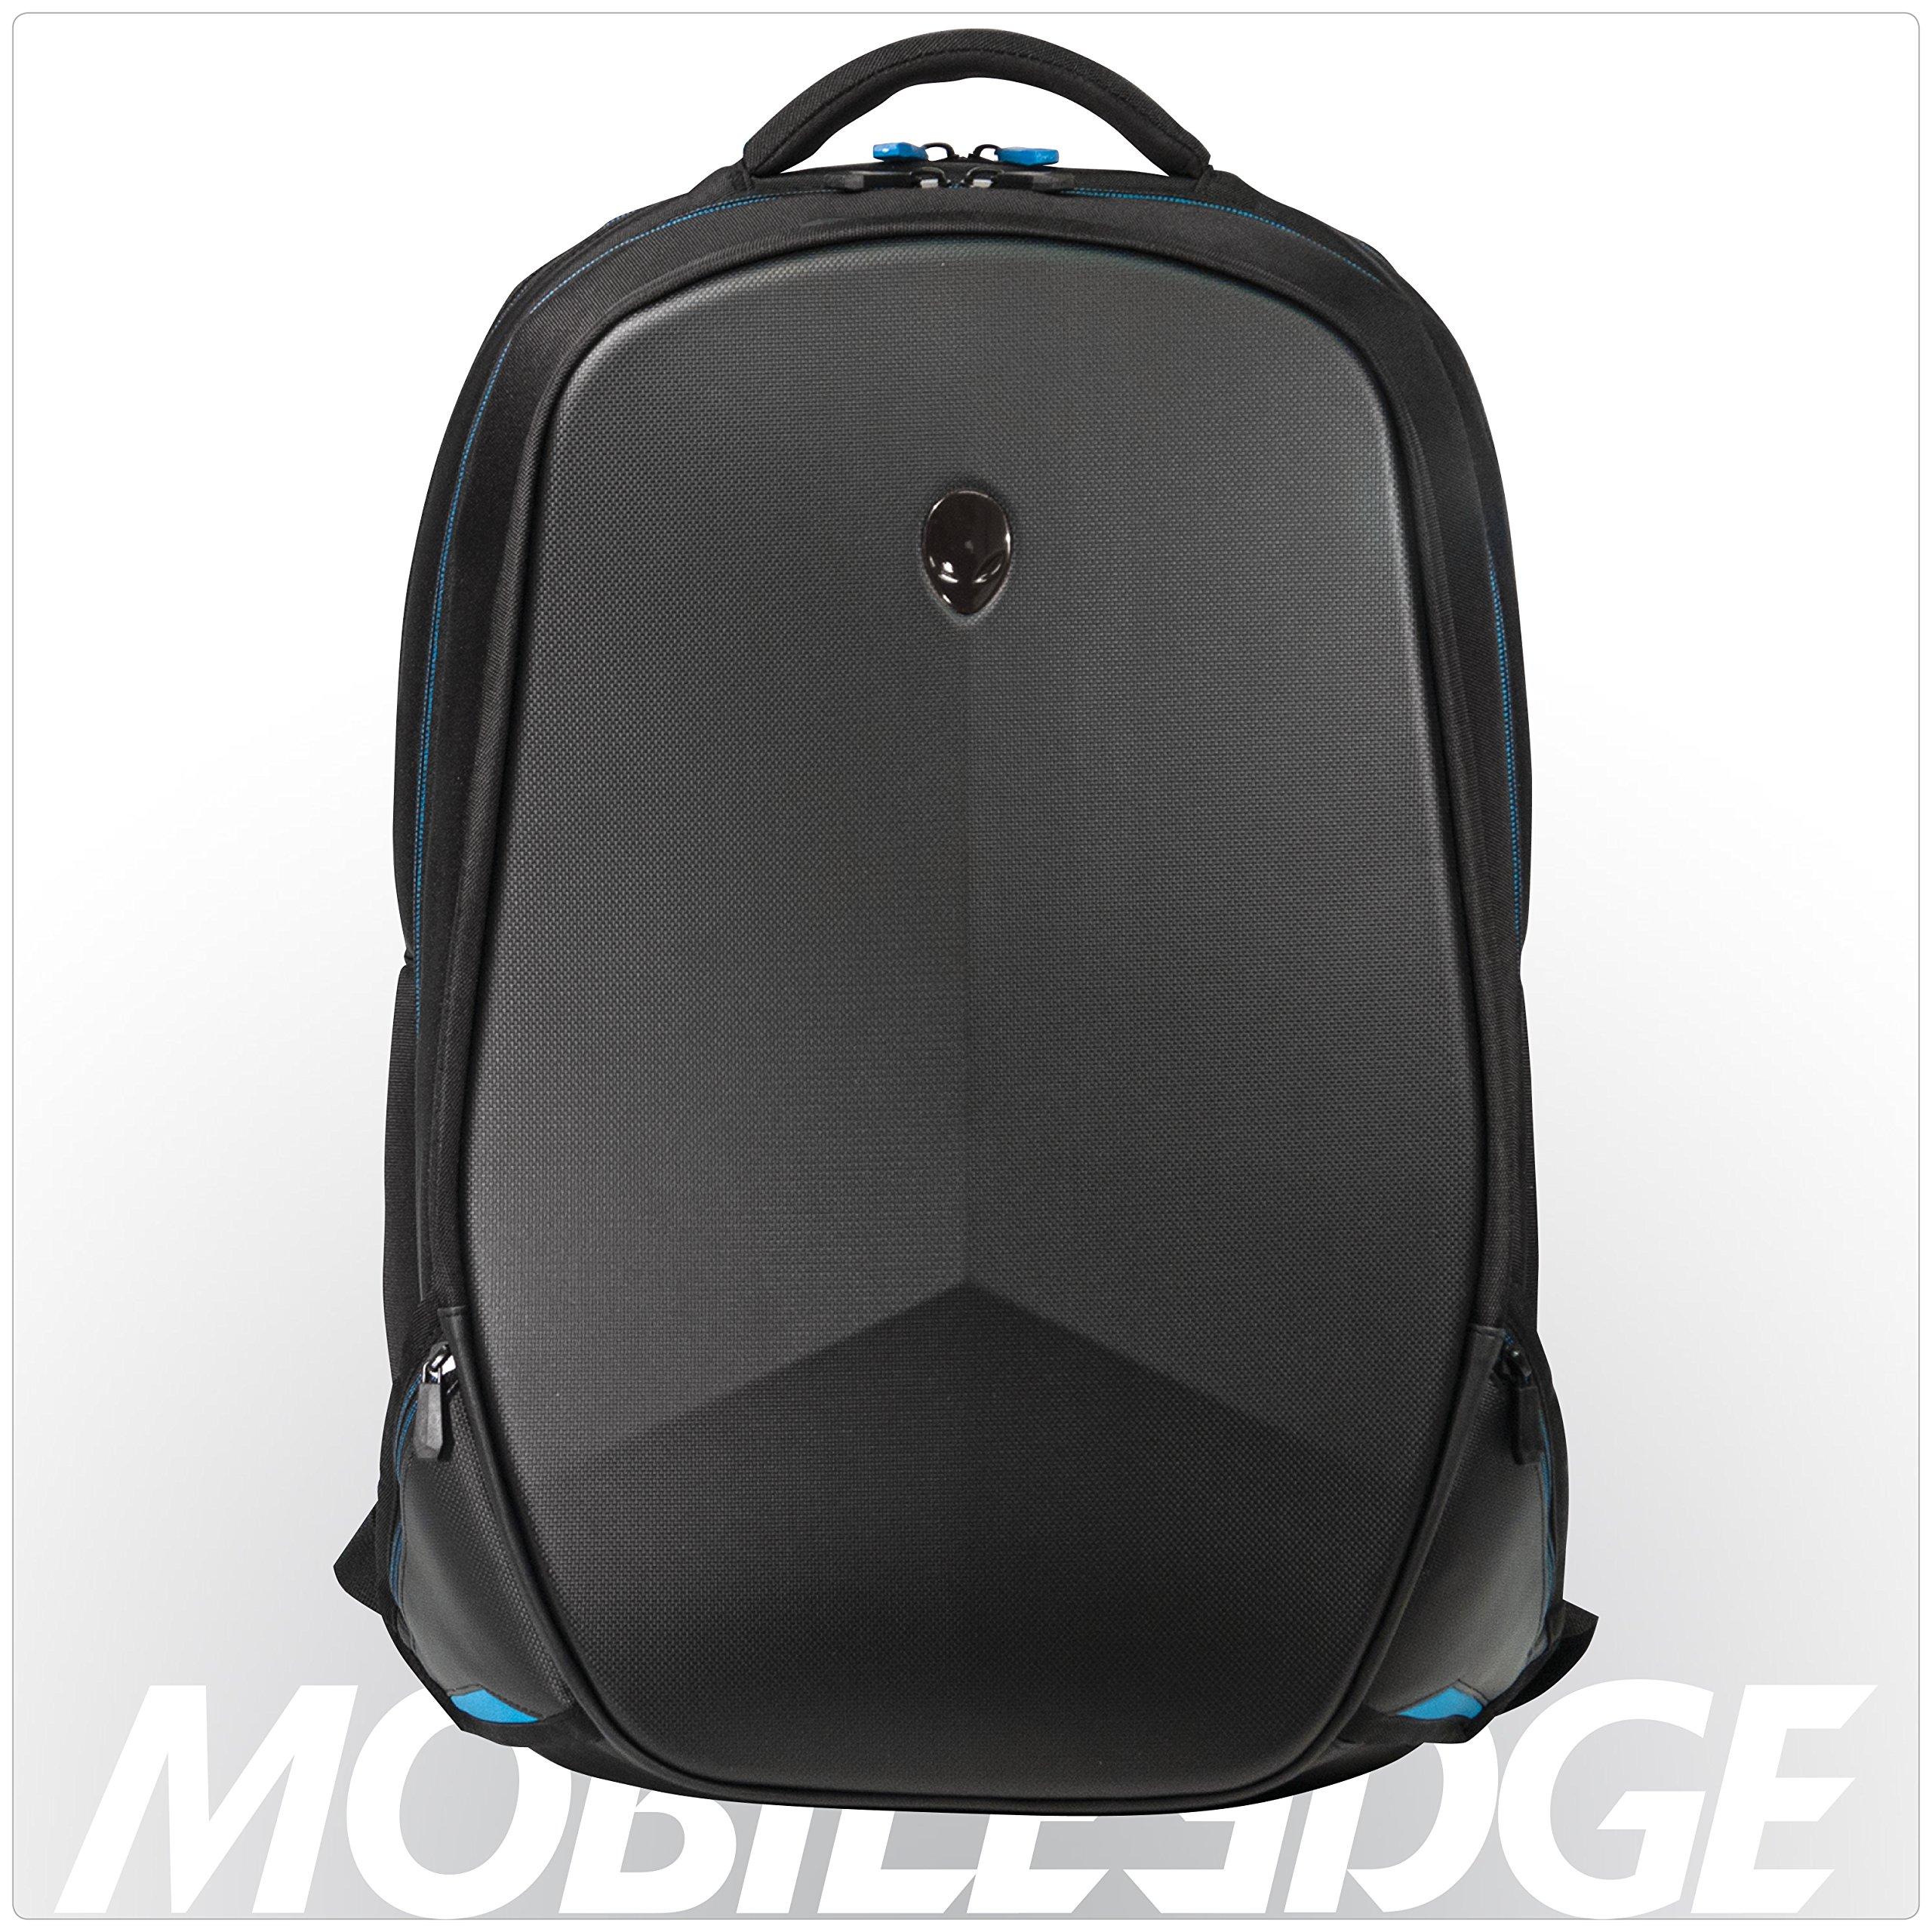 Dell Alienware 15'' Vindicator 2.0 Backpack, Black (AWV15BP-2.0) by Mobile Edge